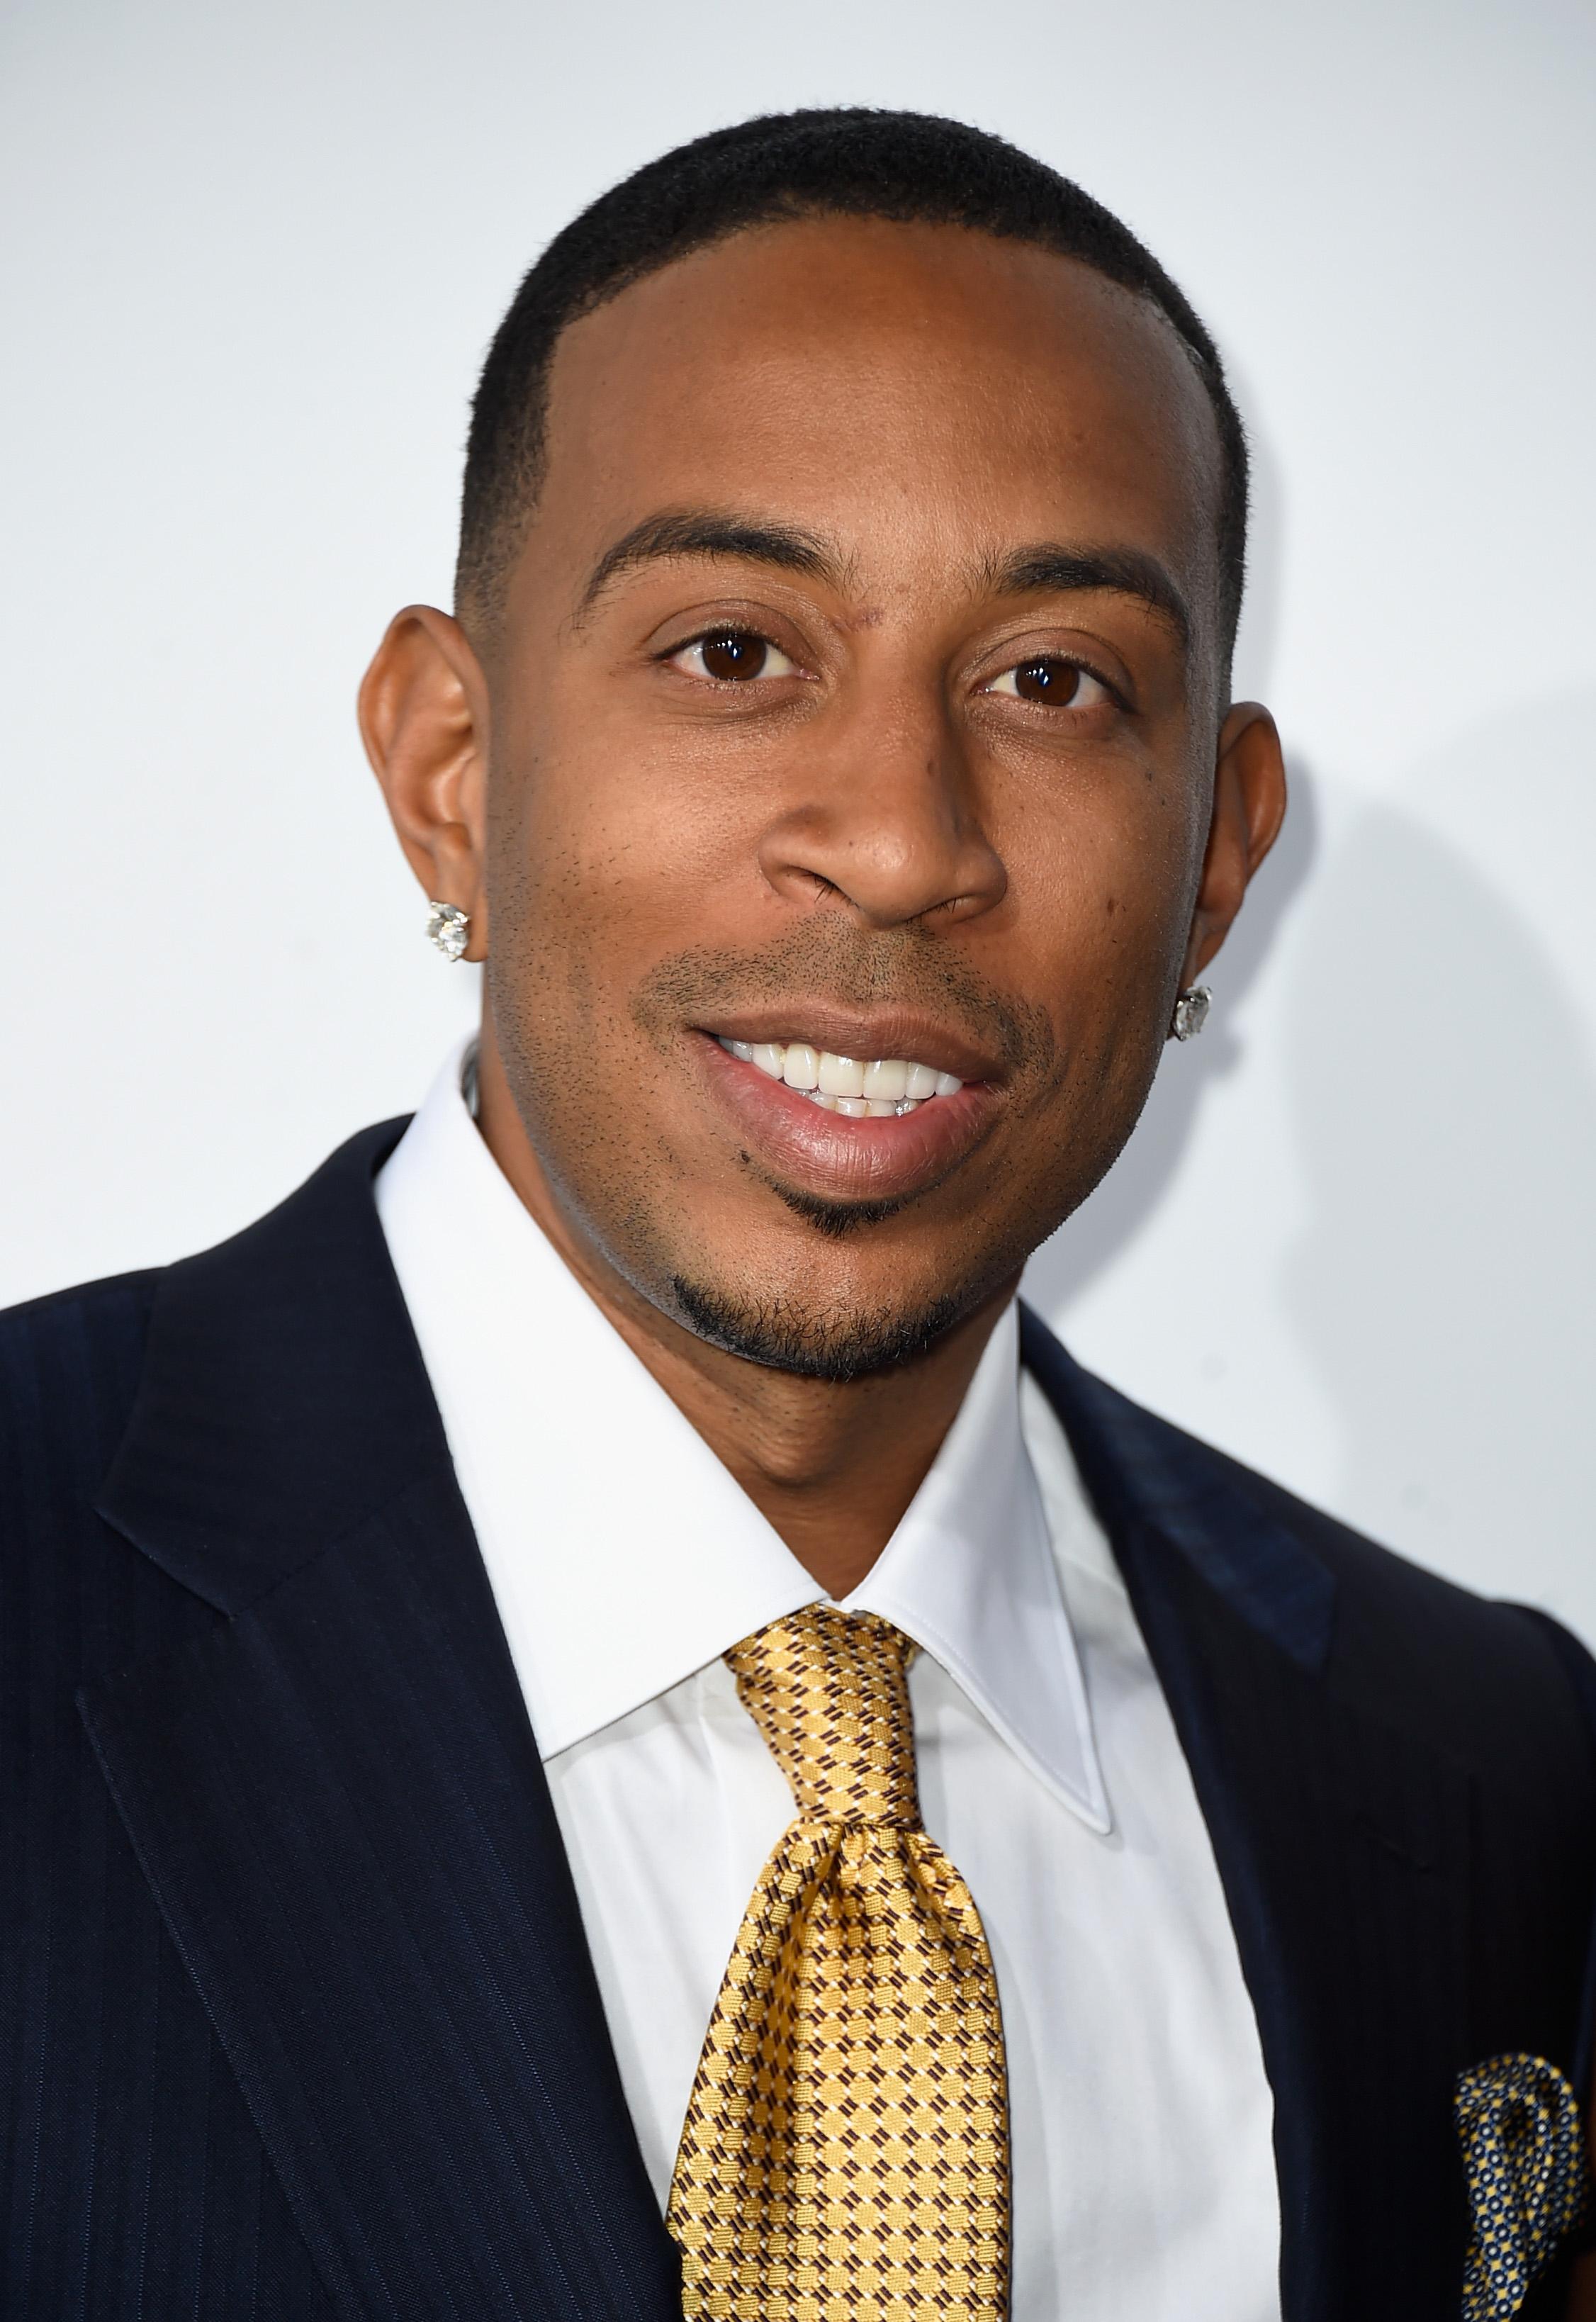 活跃在好莱坞的饶舌歌手路达克里斯(Ludacris)高度推荐普里马斯的治疗。图为2015年资料照。(Frazer Harrison/Getty Images)